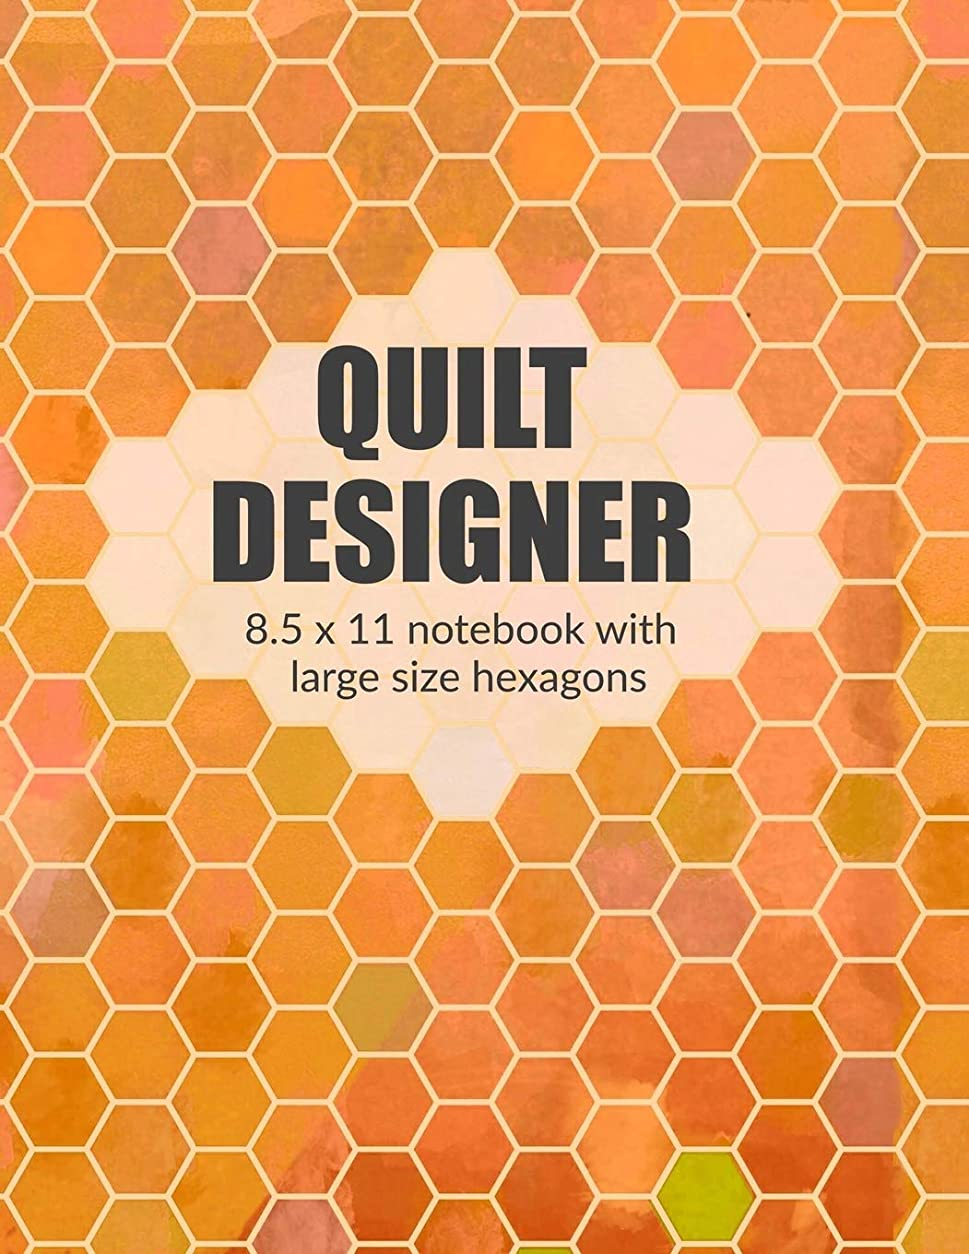 オプショナルどこでもQuilt Designer 8.5 x 11 Notebook: Orange cover with large size hexagons (Hexagon Quilt Designer Notebooks)